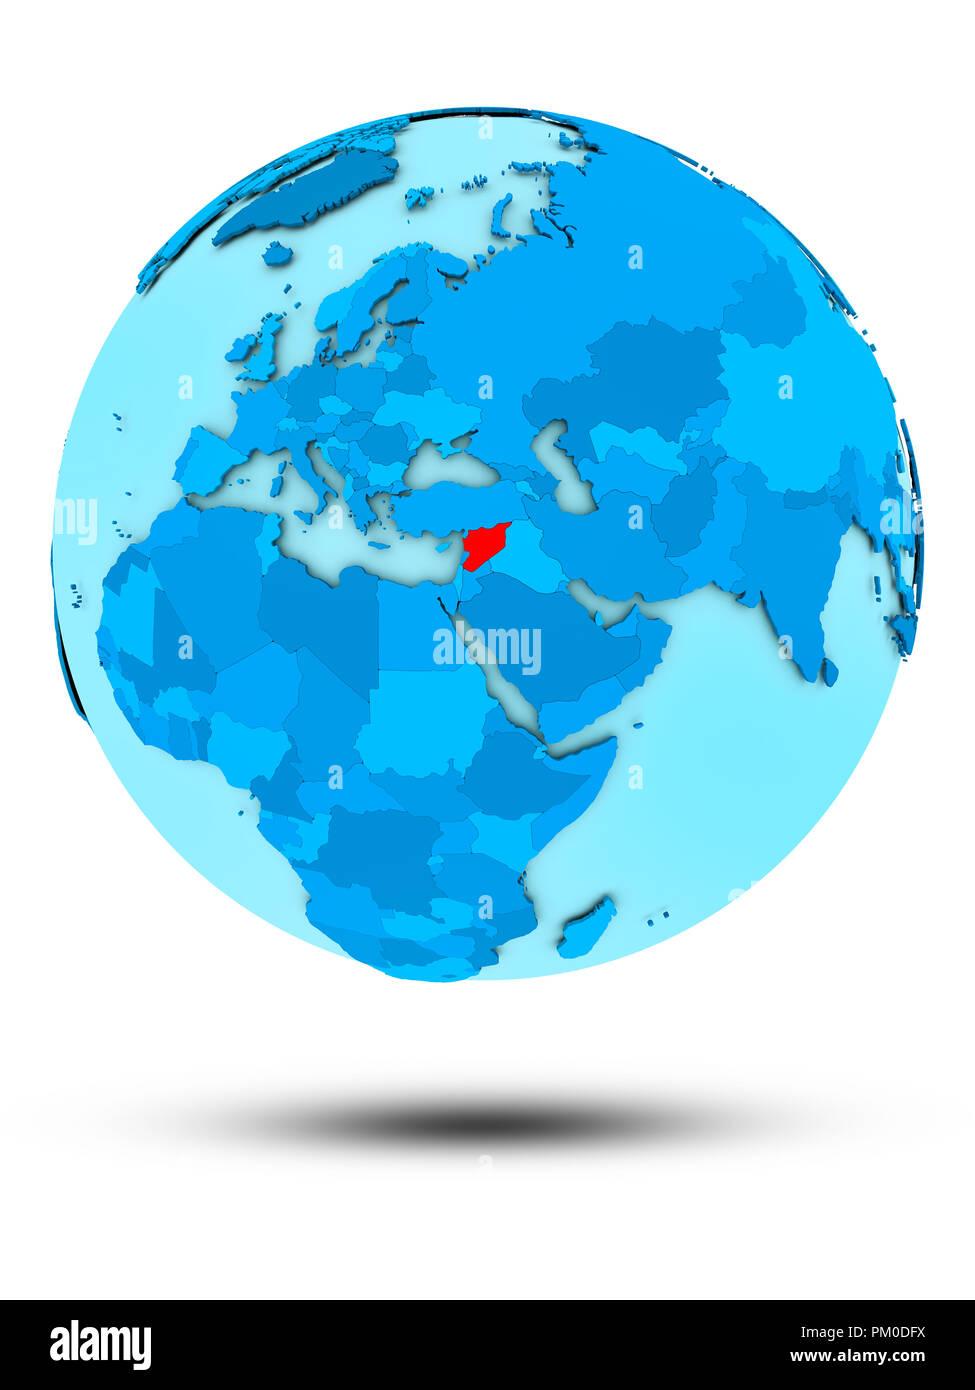 Syria on blue globe isolated on white background. 3D illustration. - Stock Image